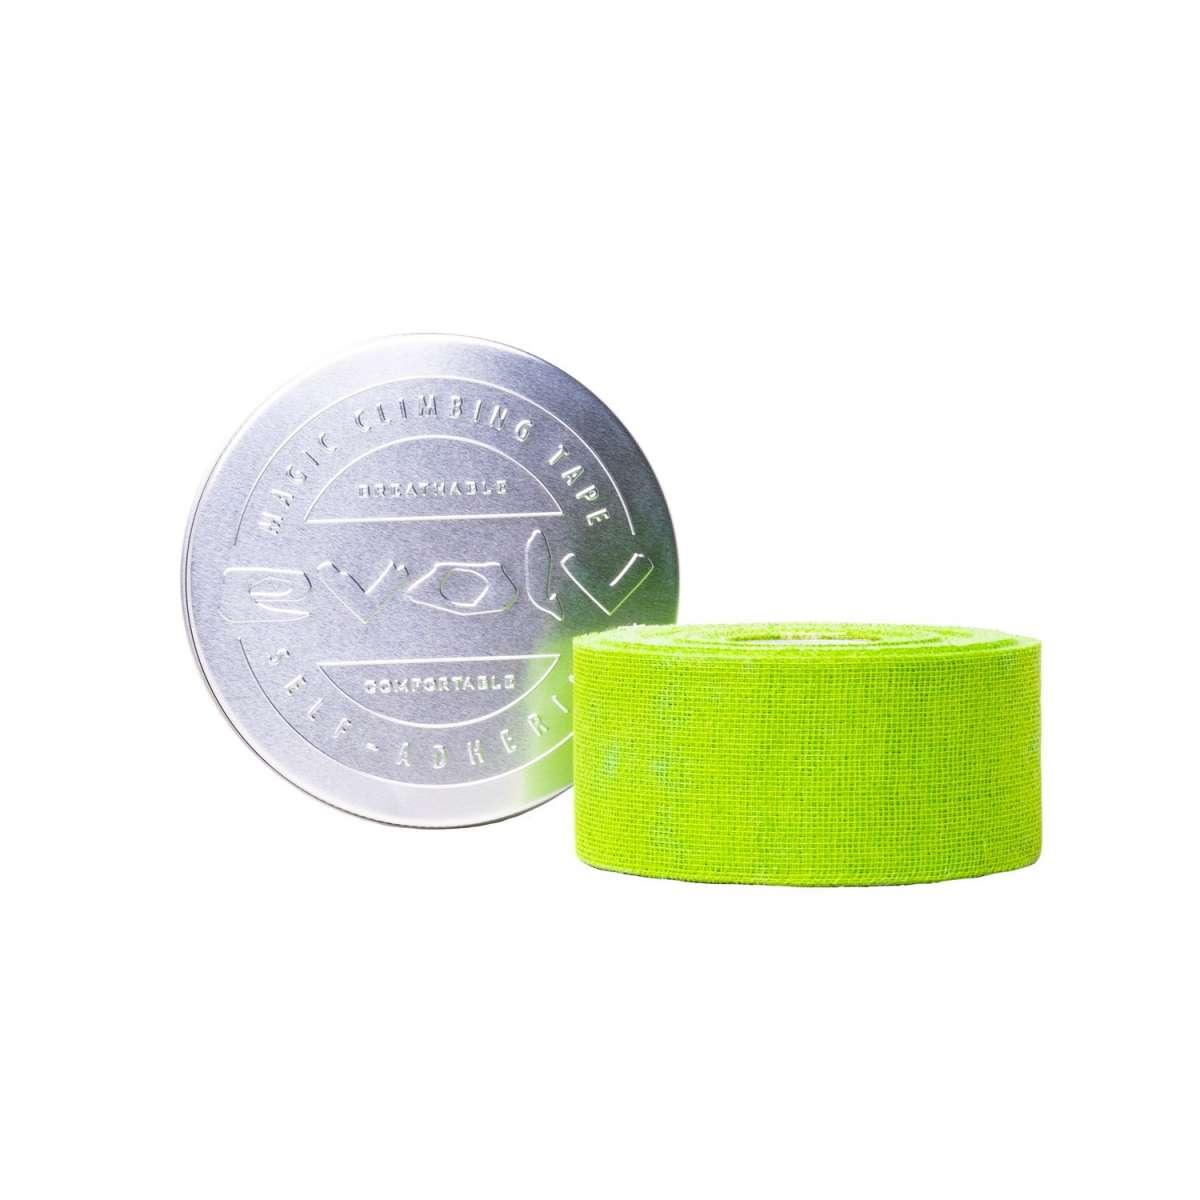 イボルブマジックハンドテープ 1巻きアルミ缶入り 38mm×27m